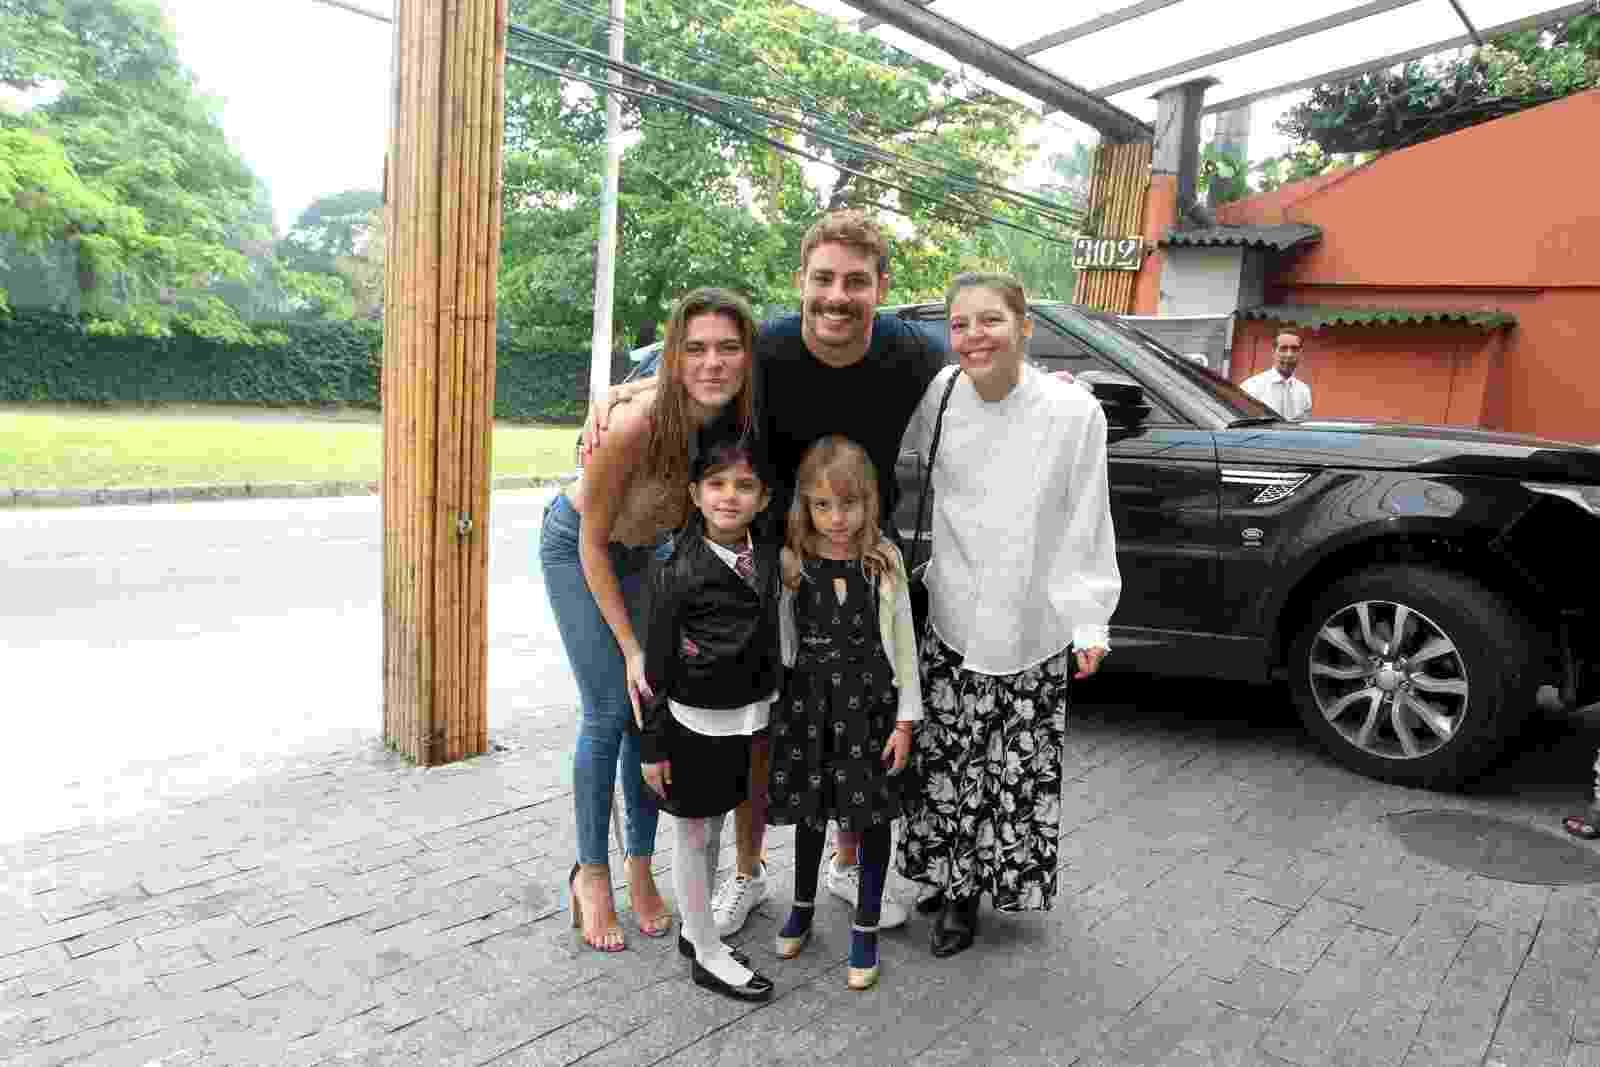 Cauã Reymond e a namorada, Mariana Goldfarb, chegam para a festa de cinco anos da filha do ator, no Rio - Marcello Sá Barretto/AgNews